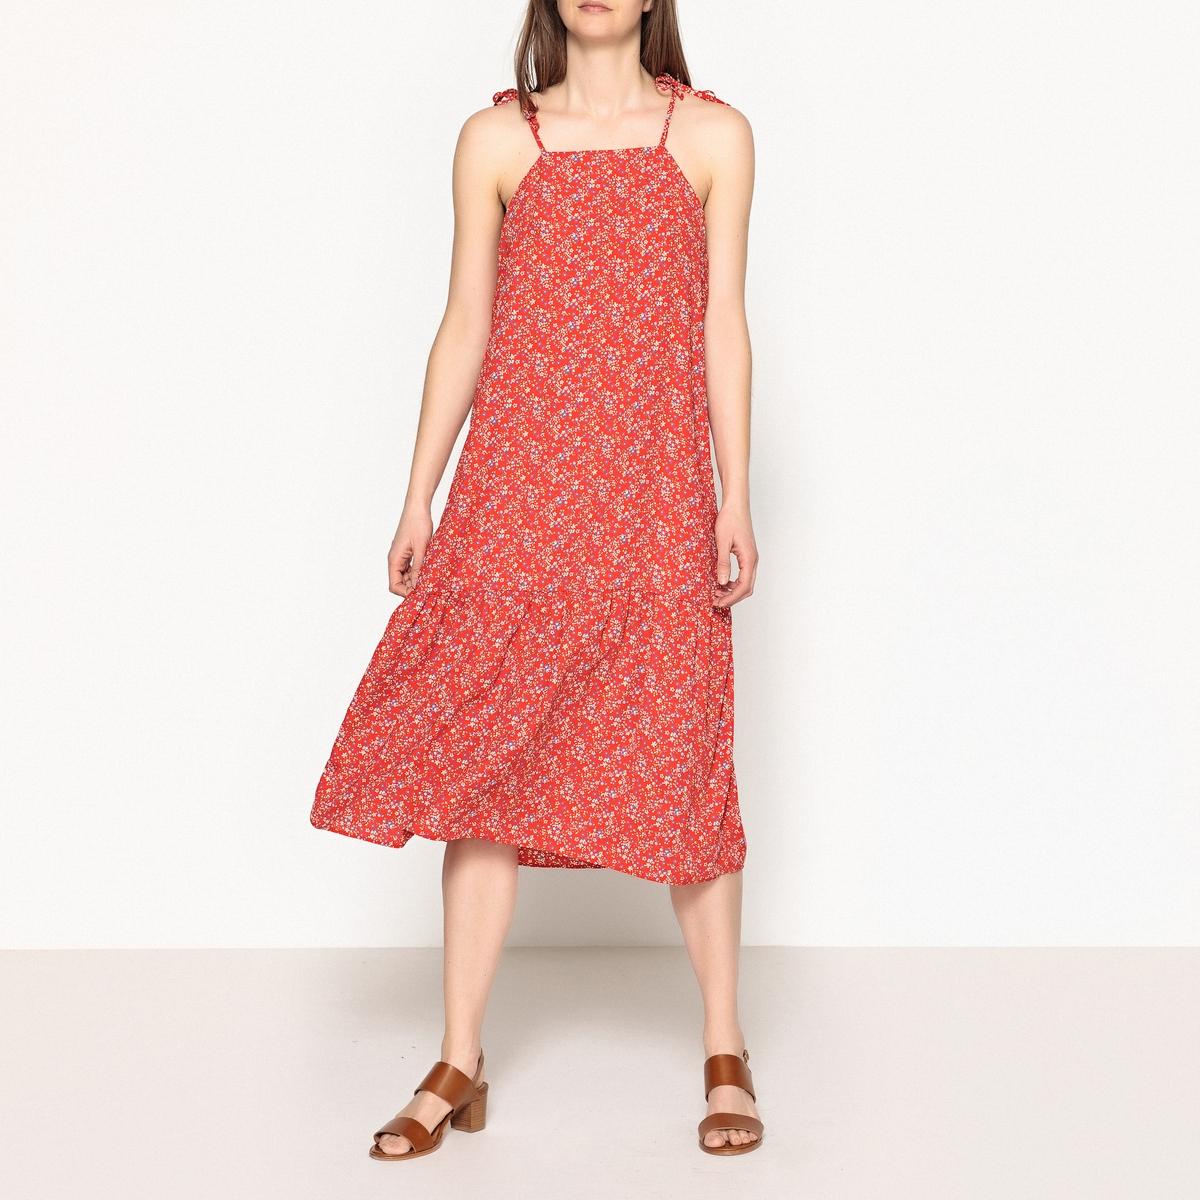 Платье с рисунком на тонких бретелях JENNY платье летнее на тонких бретелях marianne